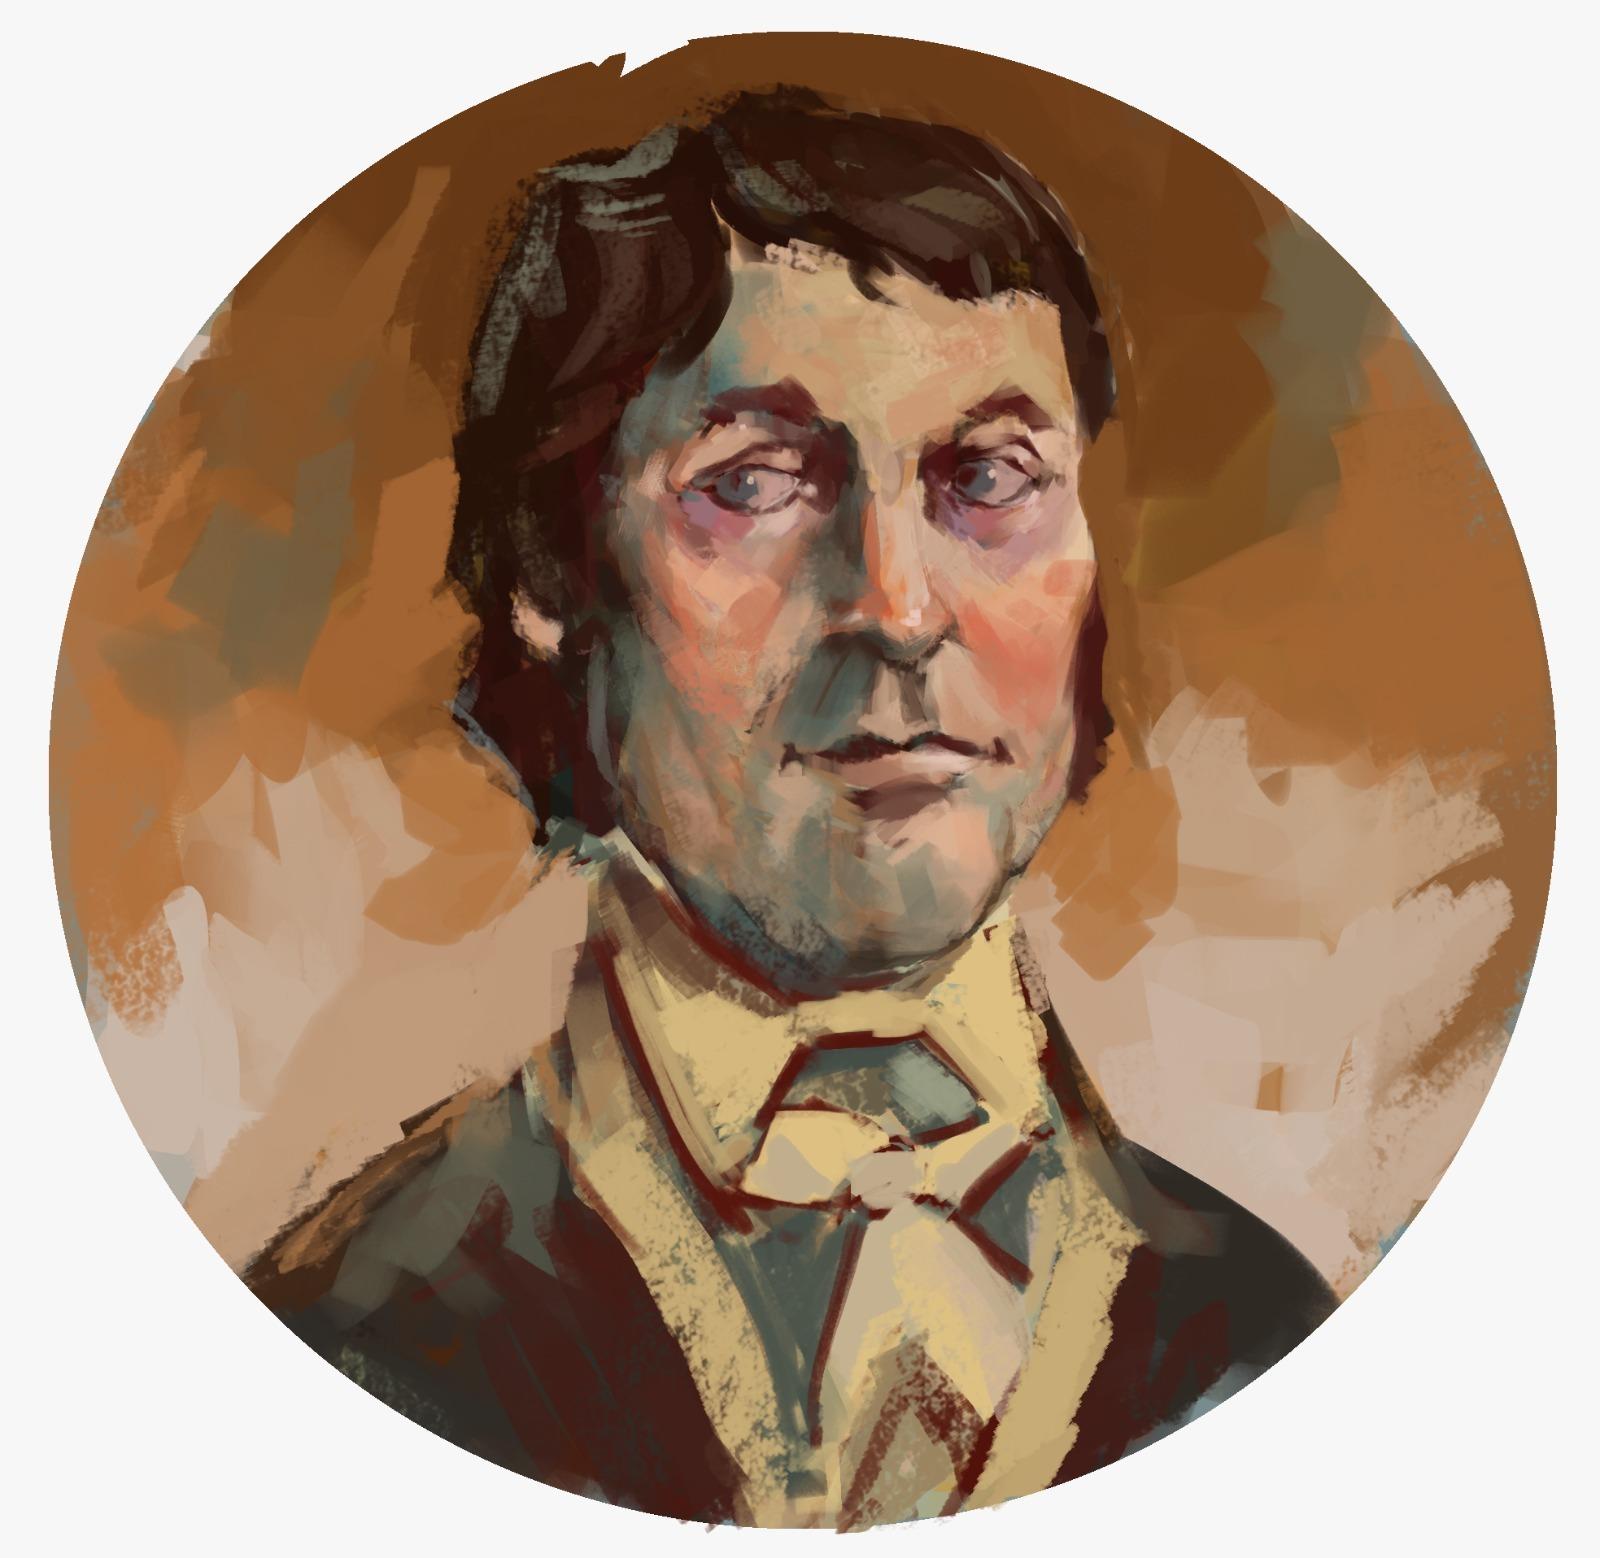 G. W. F. Hegel